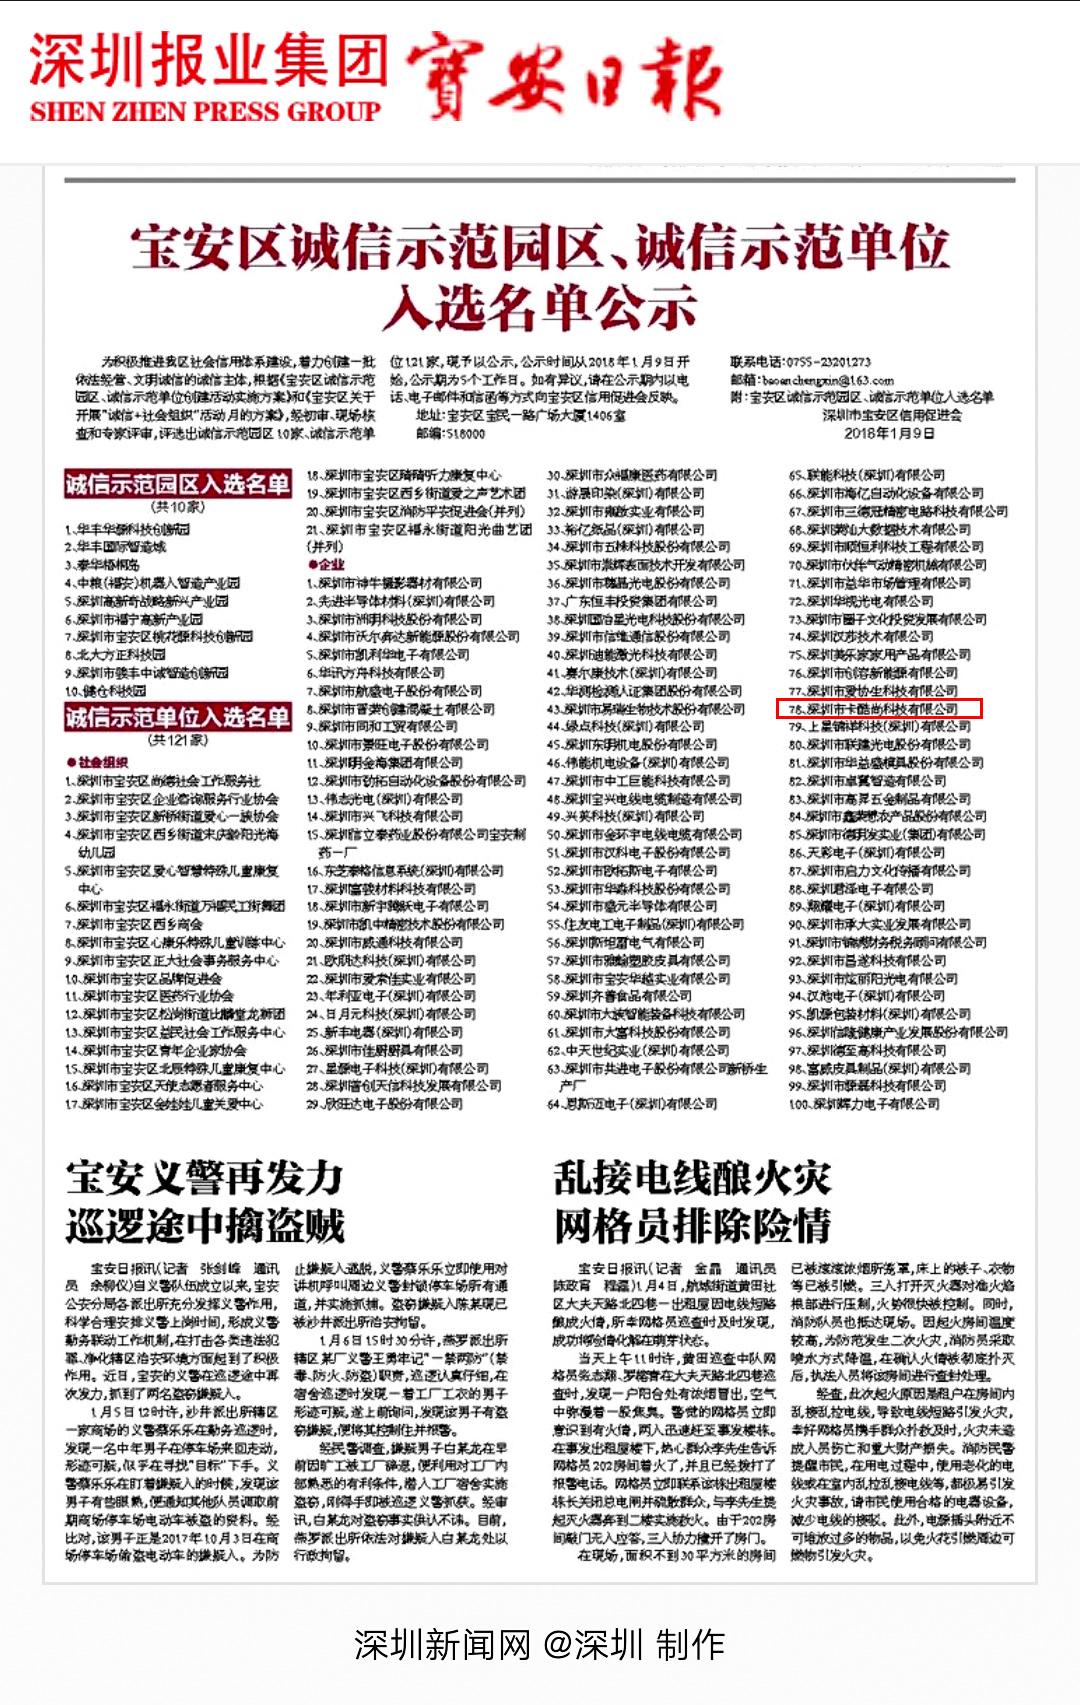 """热烈祝贺卡酷尚荣获深圳市宝安区""""诚信示范单位""""称号"""